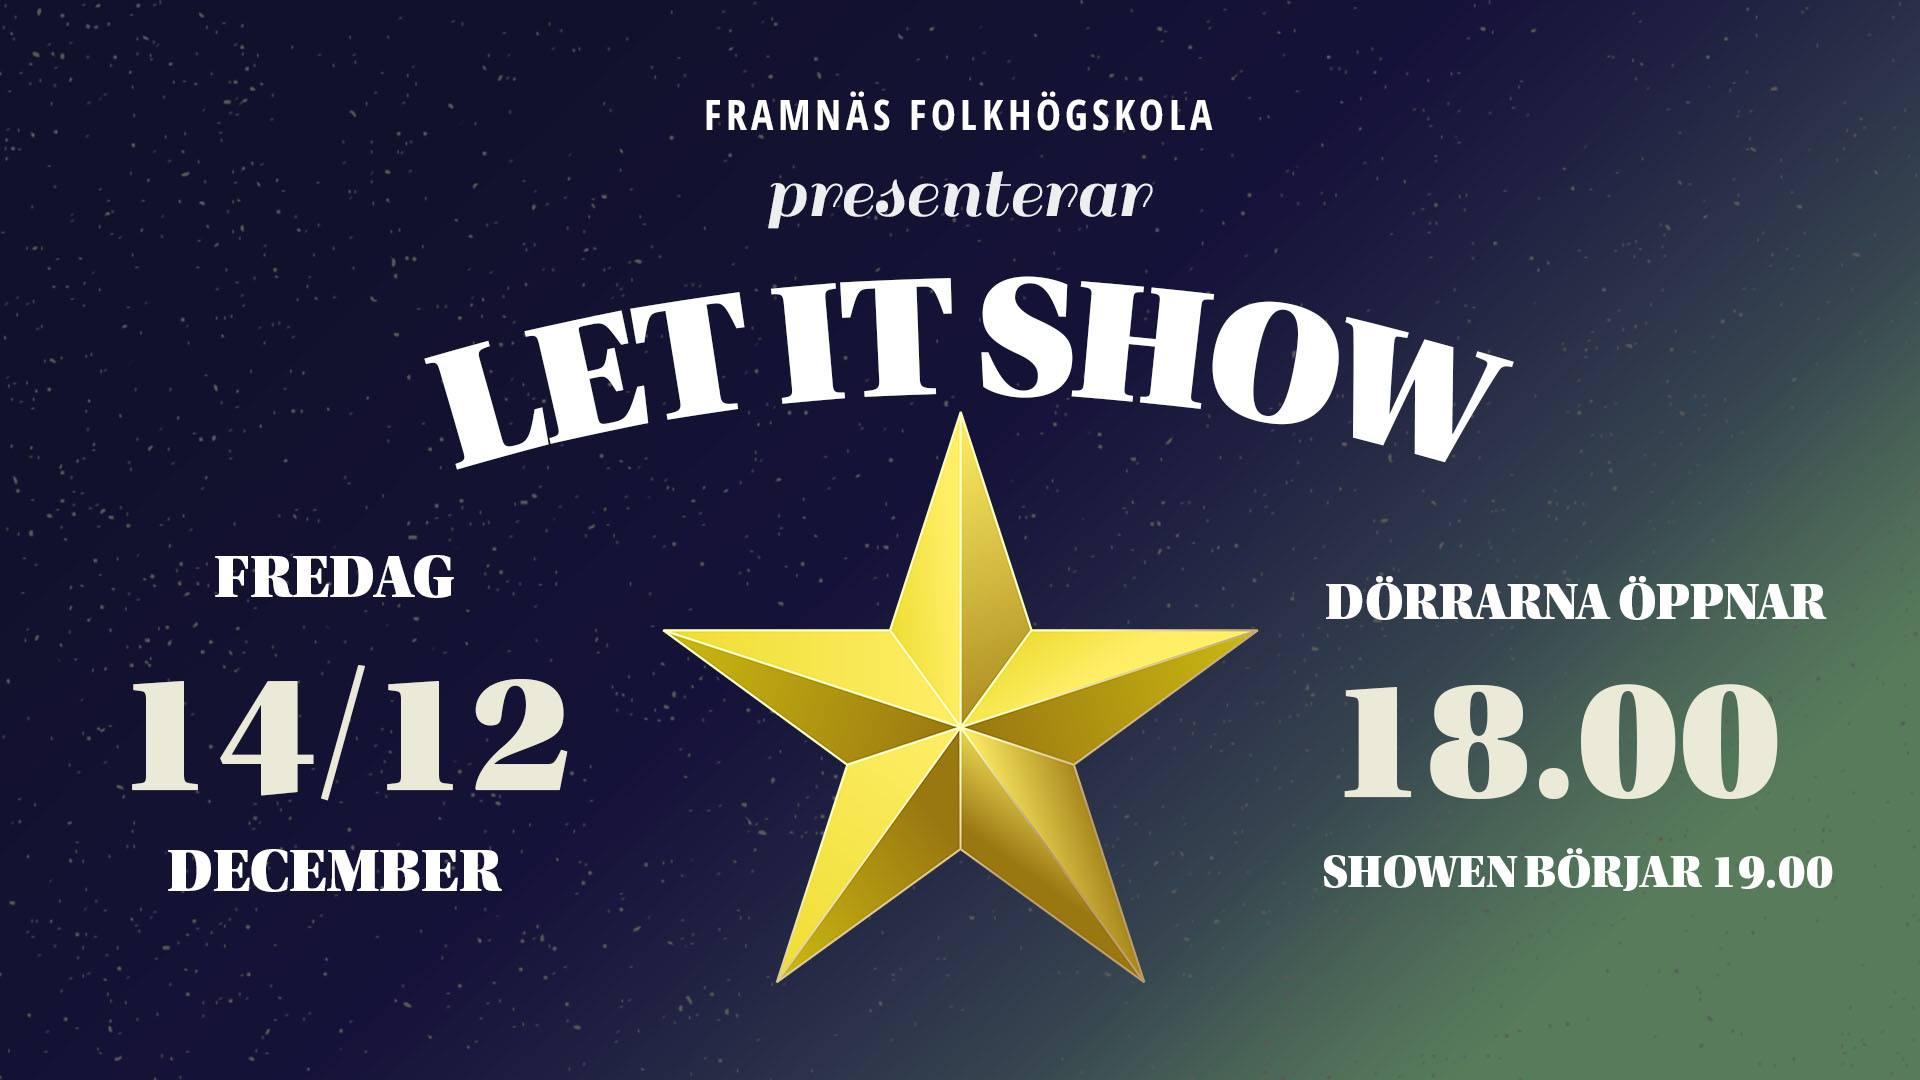 Let it show